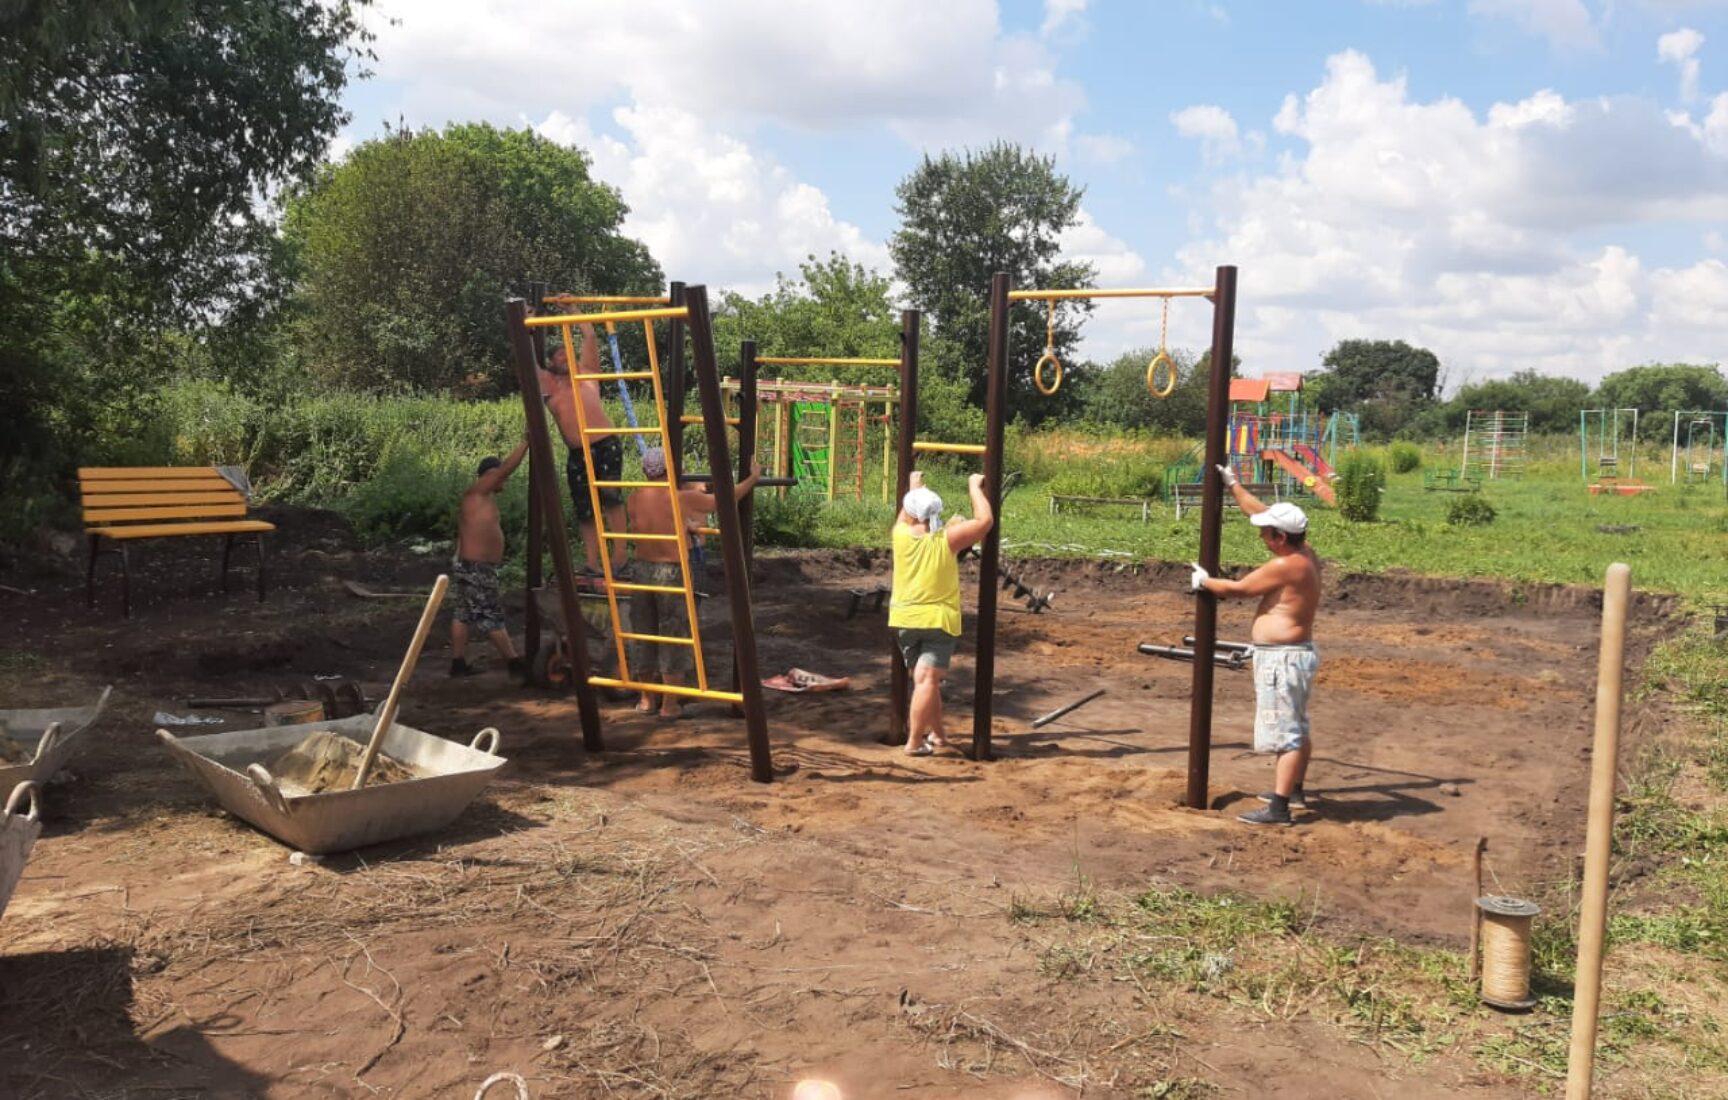 В Тульской области началось строительство детских и спортивных площадок в рамках конкурса инициативных проектов сельских старост и ТОС